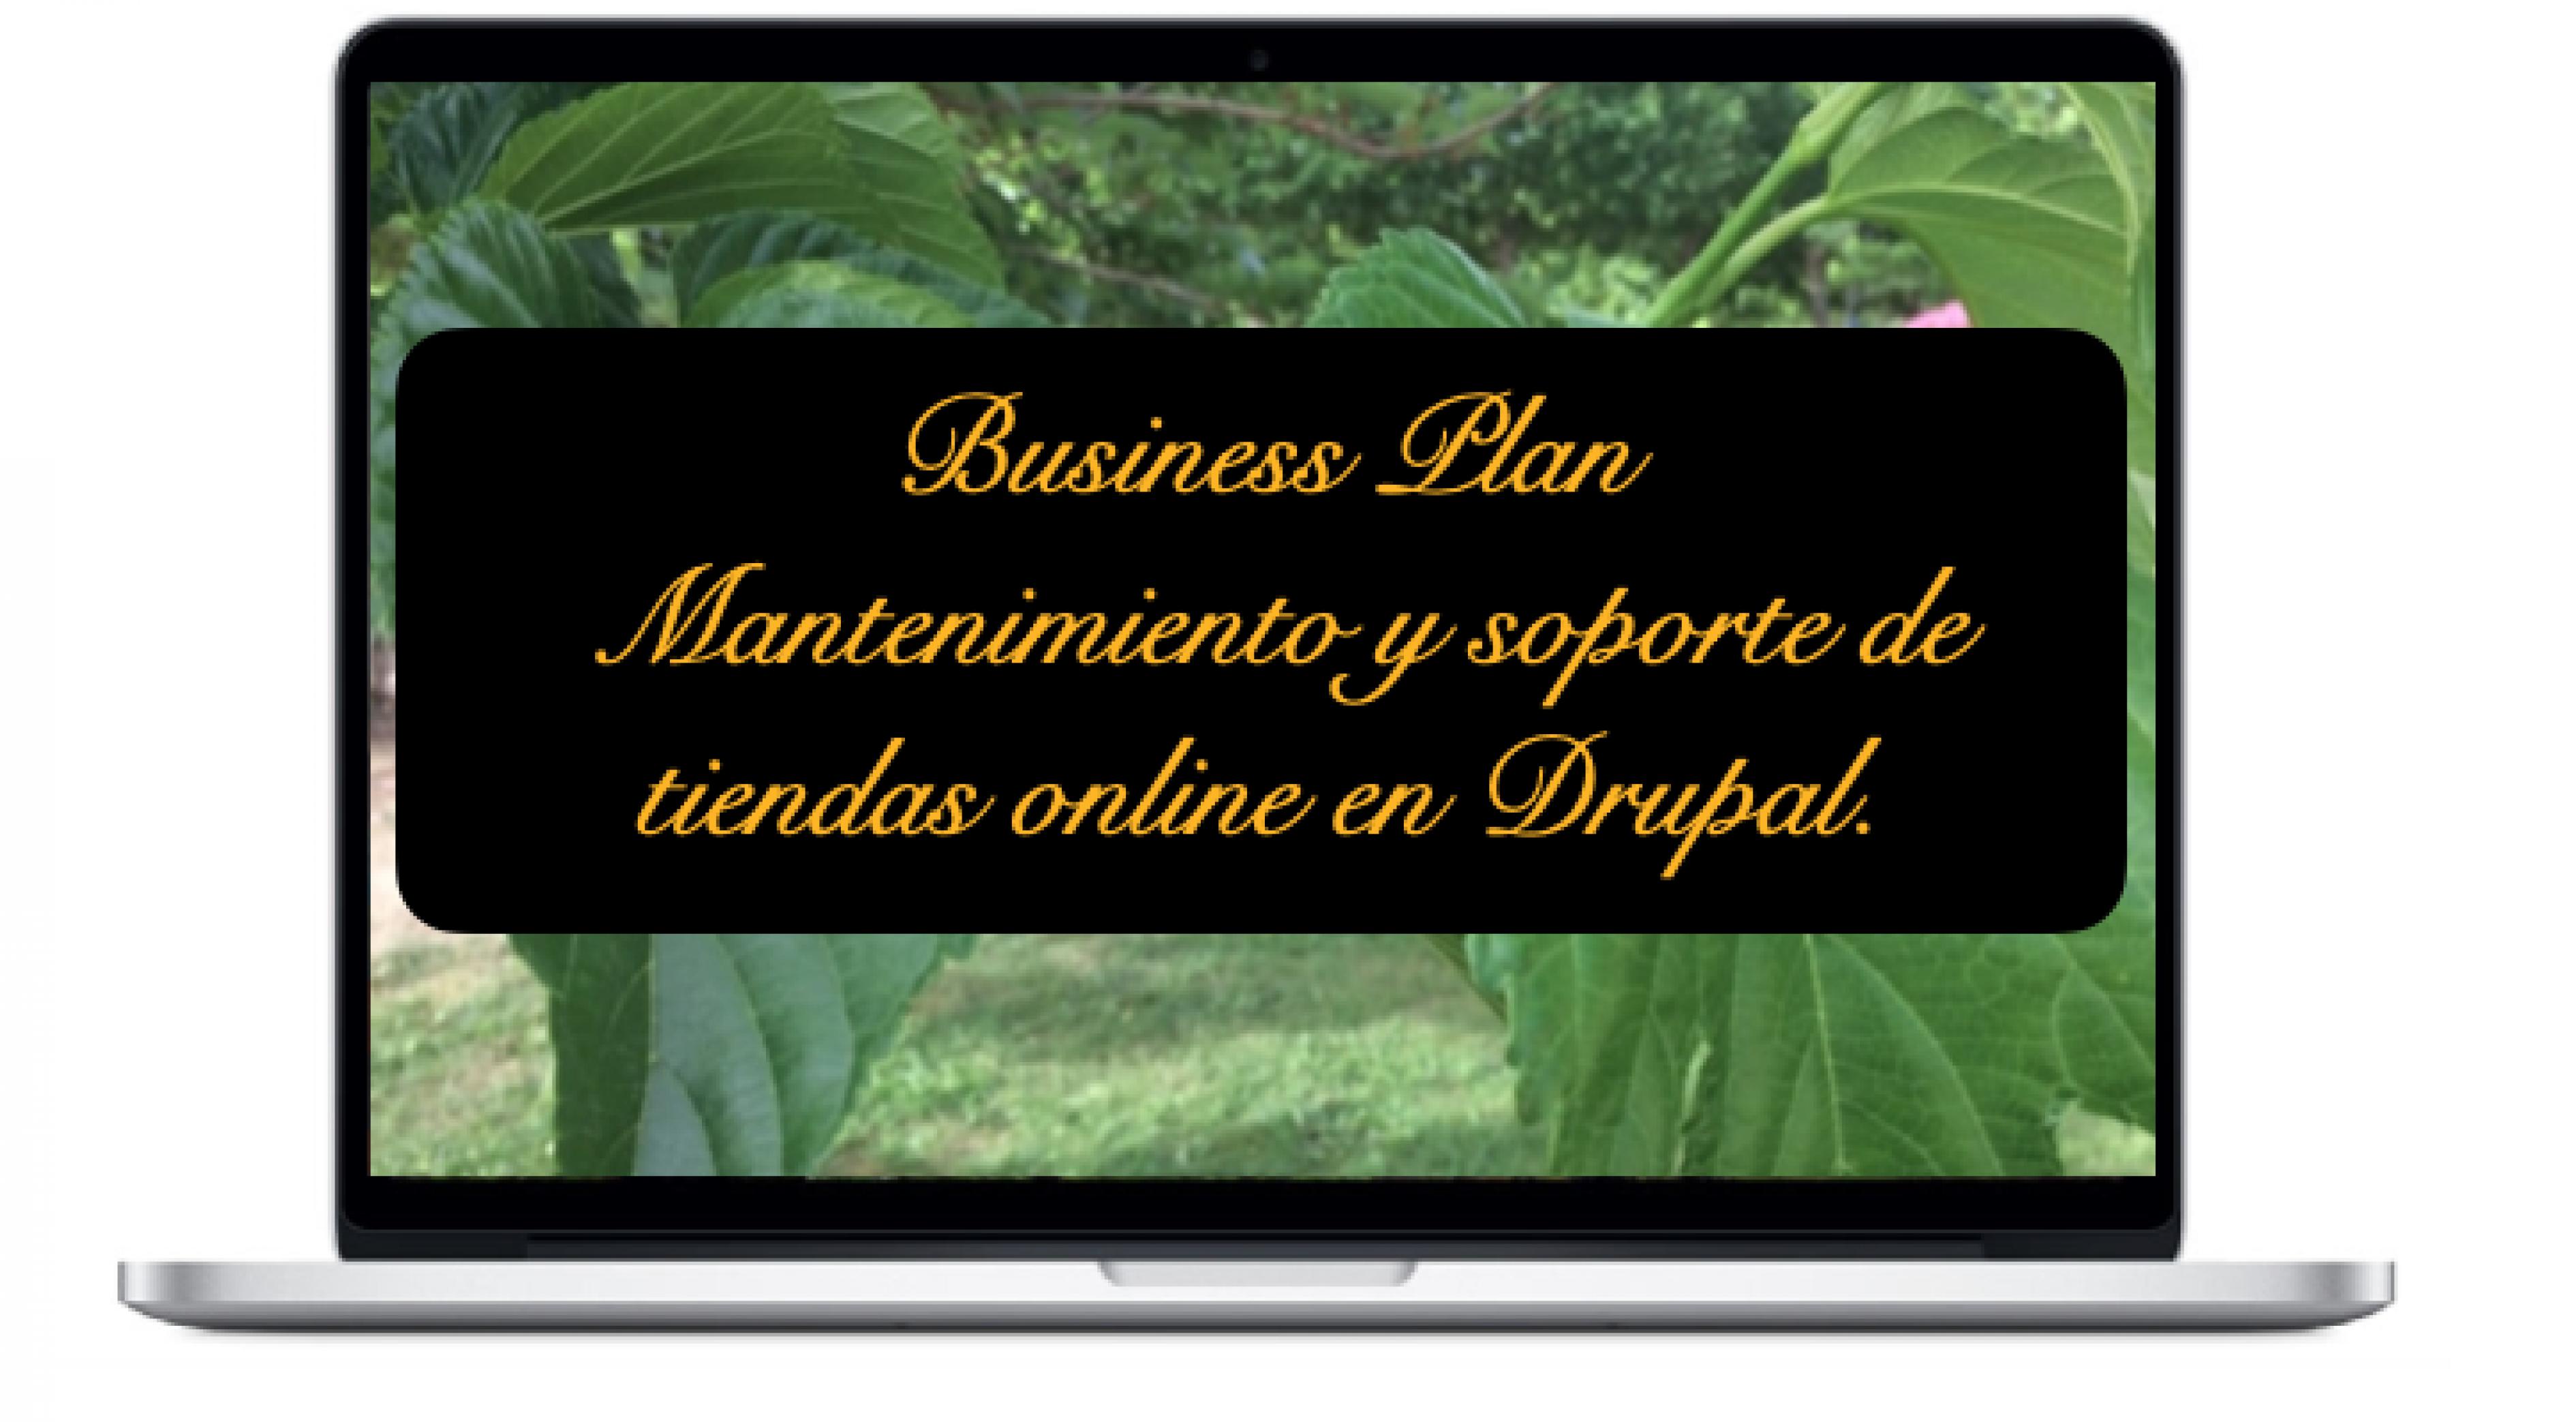 business-mantenimiento-y-soporte-de-tiendas-online-en-drupal_4